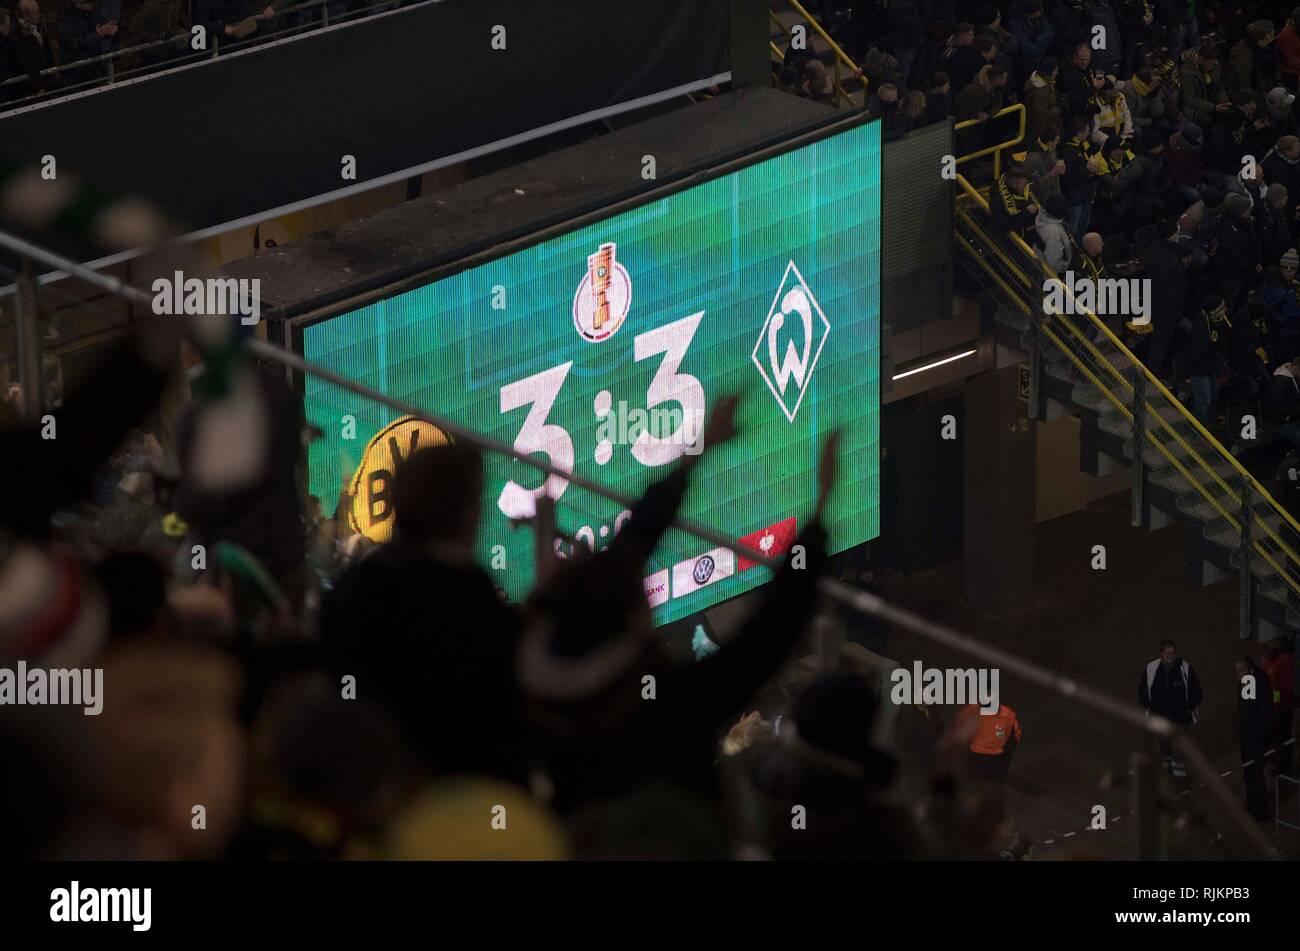 Dortmund Deutschland 06 Feb 2019 Anzeigetafel Mit Das